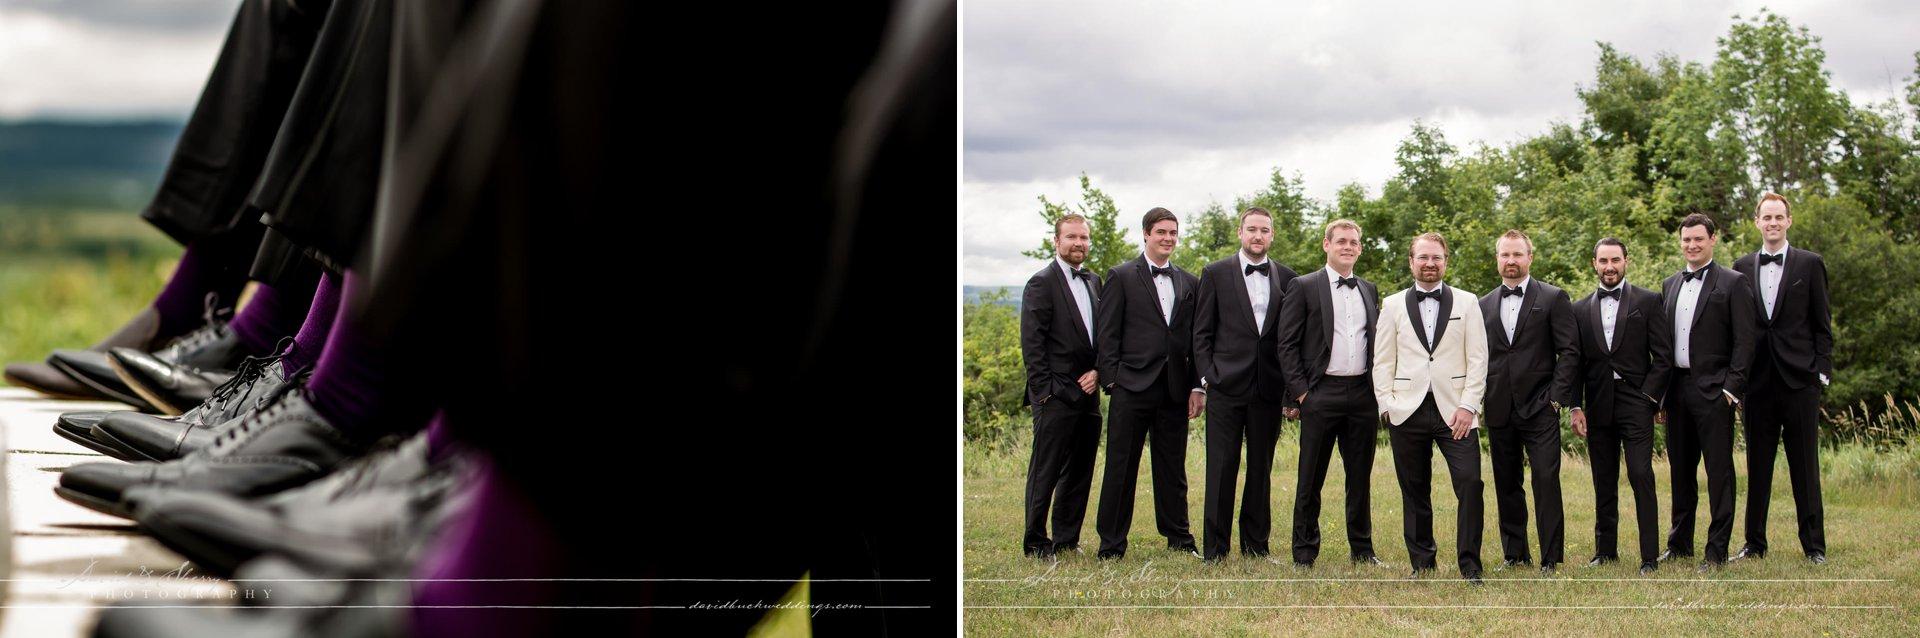 Craigleith_Ski_Club_Wedding_005